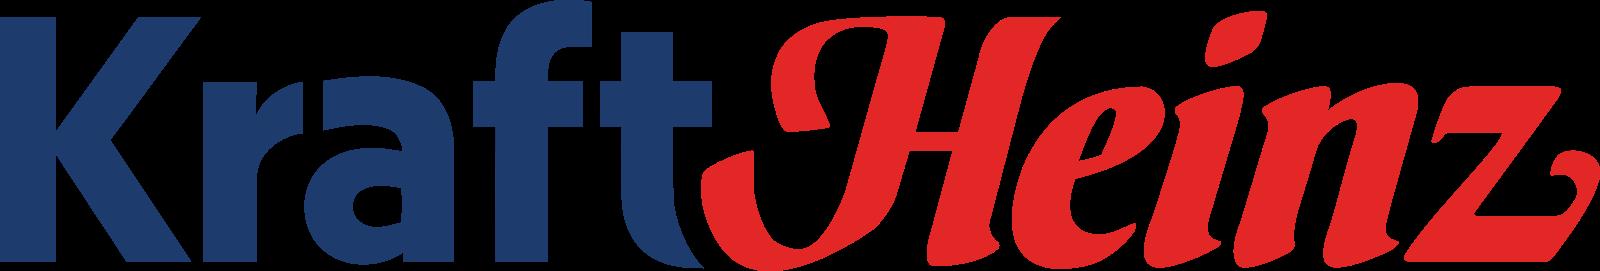 kraft heinz logo 2 - Kraft Heinz Logo